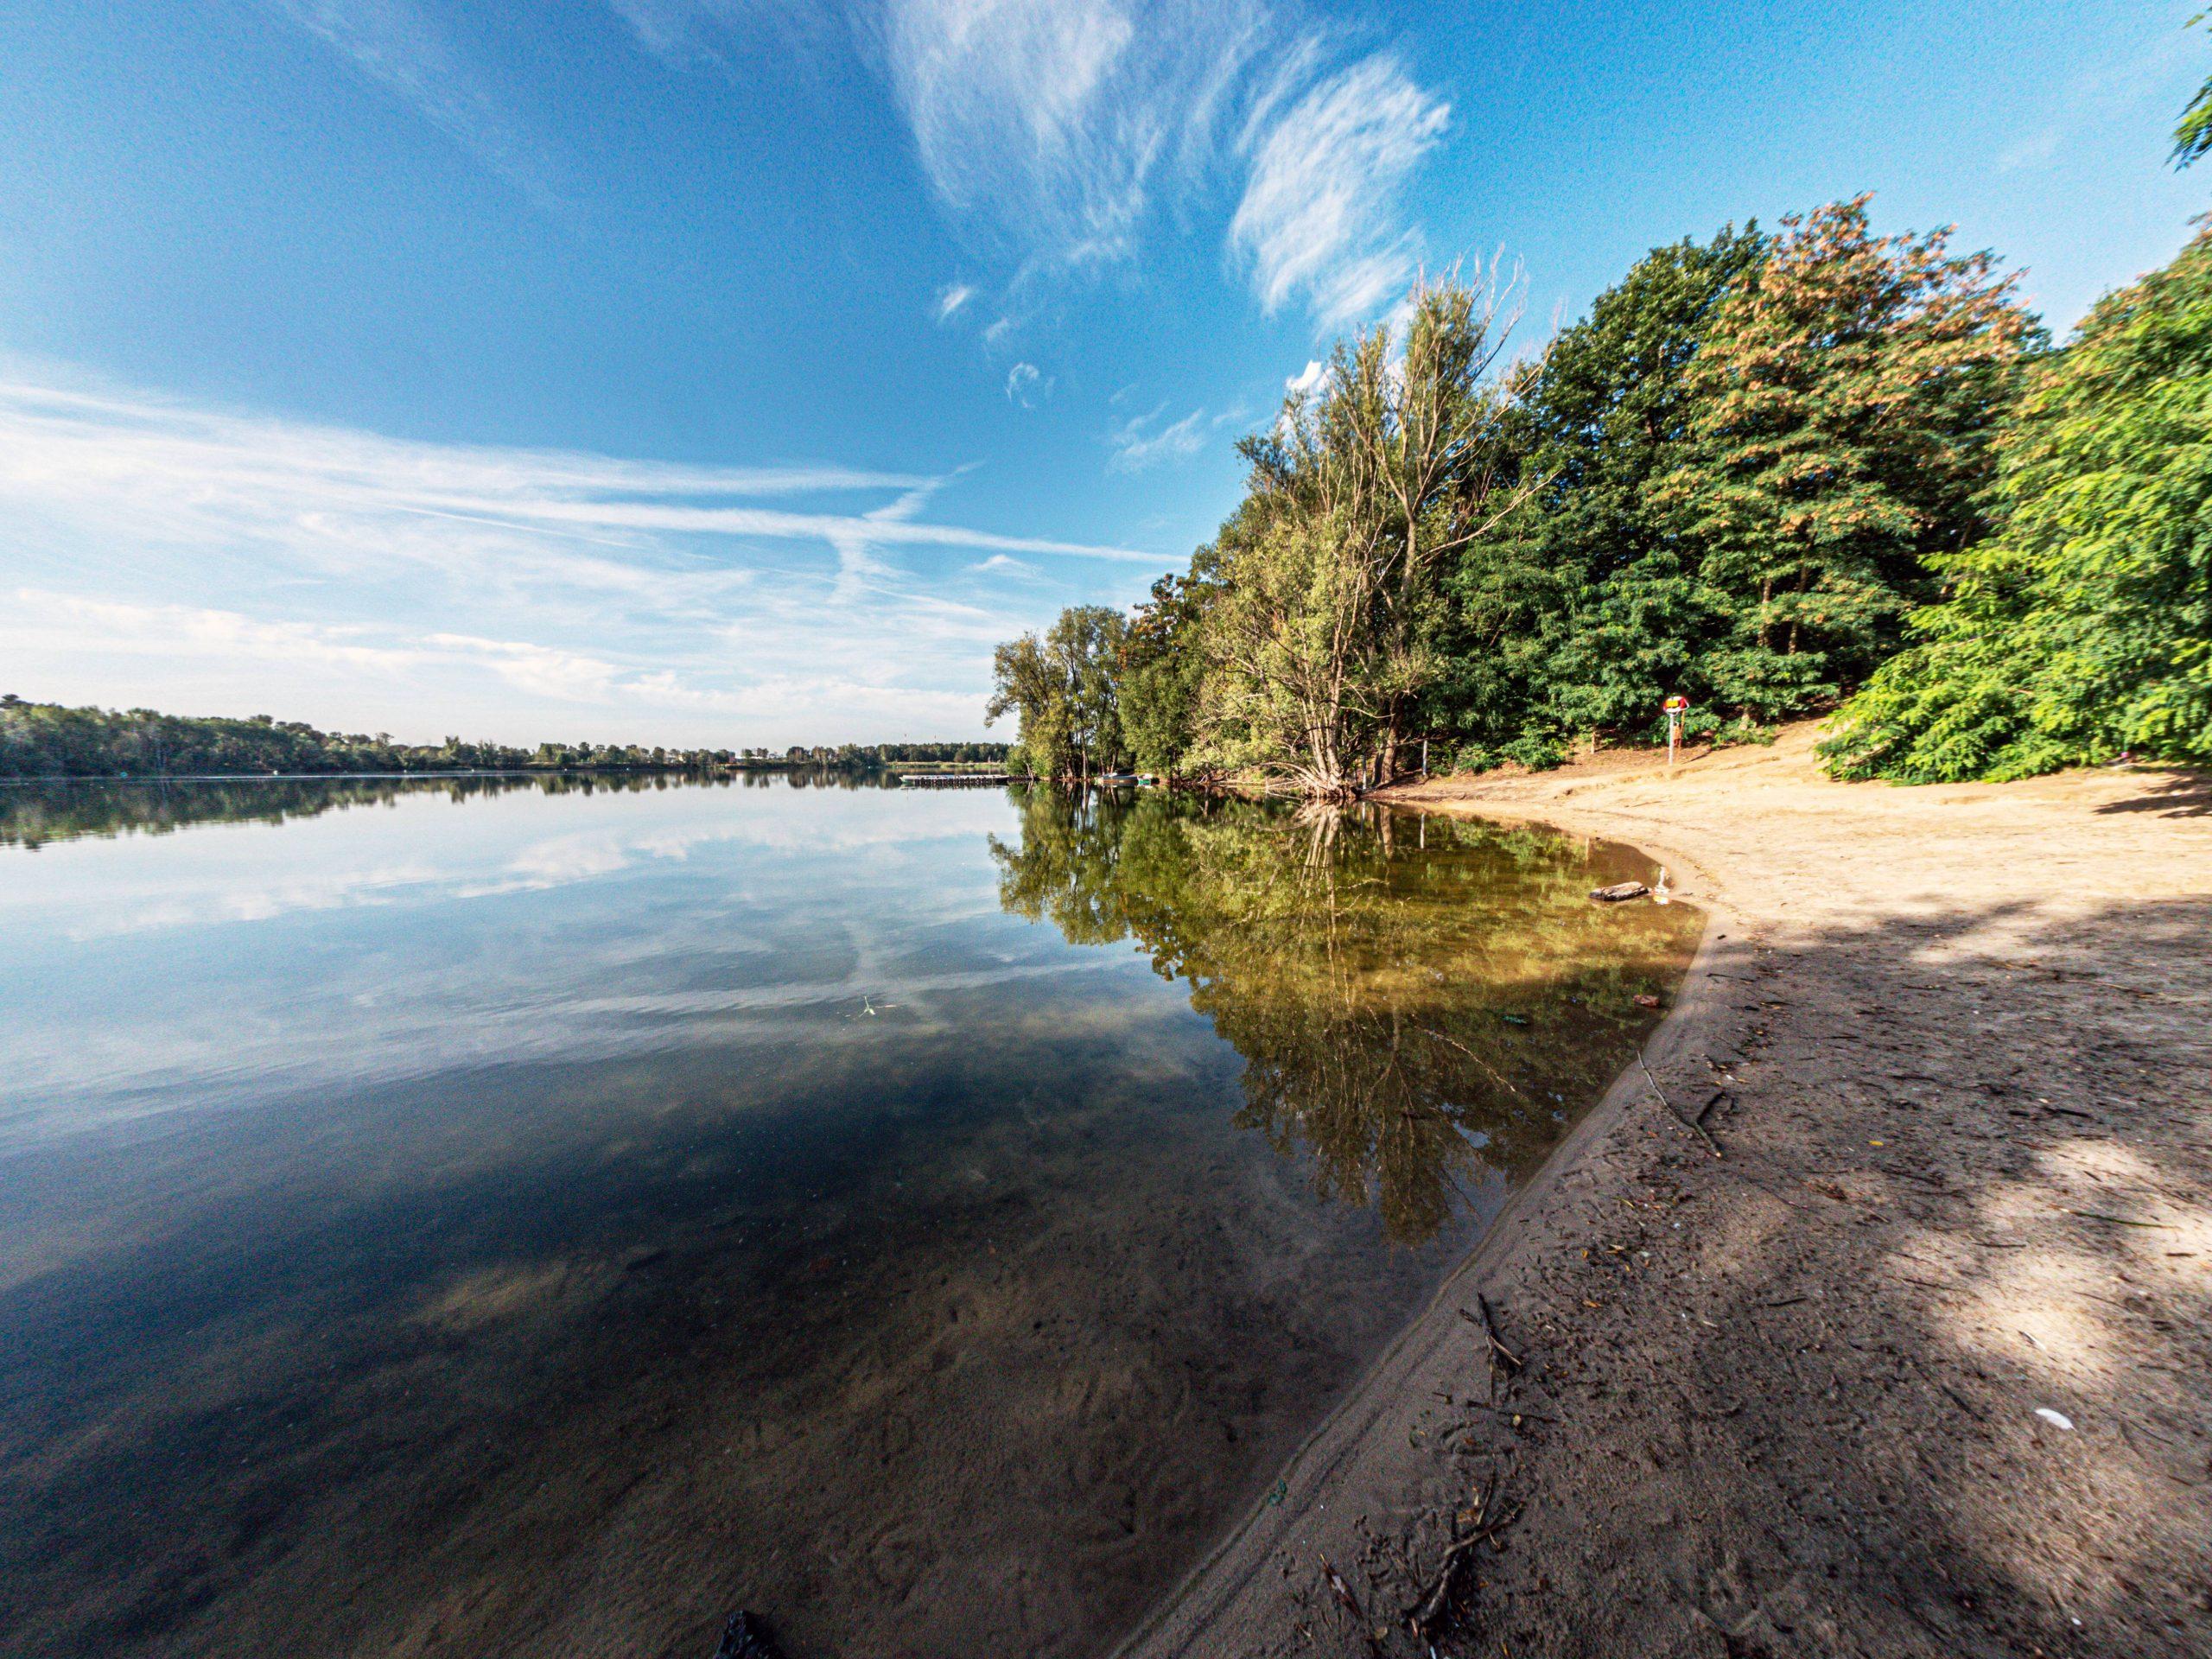 Der Flughafensee in Reinickendorf hat eine ausgezeichnete Wasserqualität – und auch einer der Badeseen mit einem FKK-Bereich. Foto Imago/Ritter